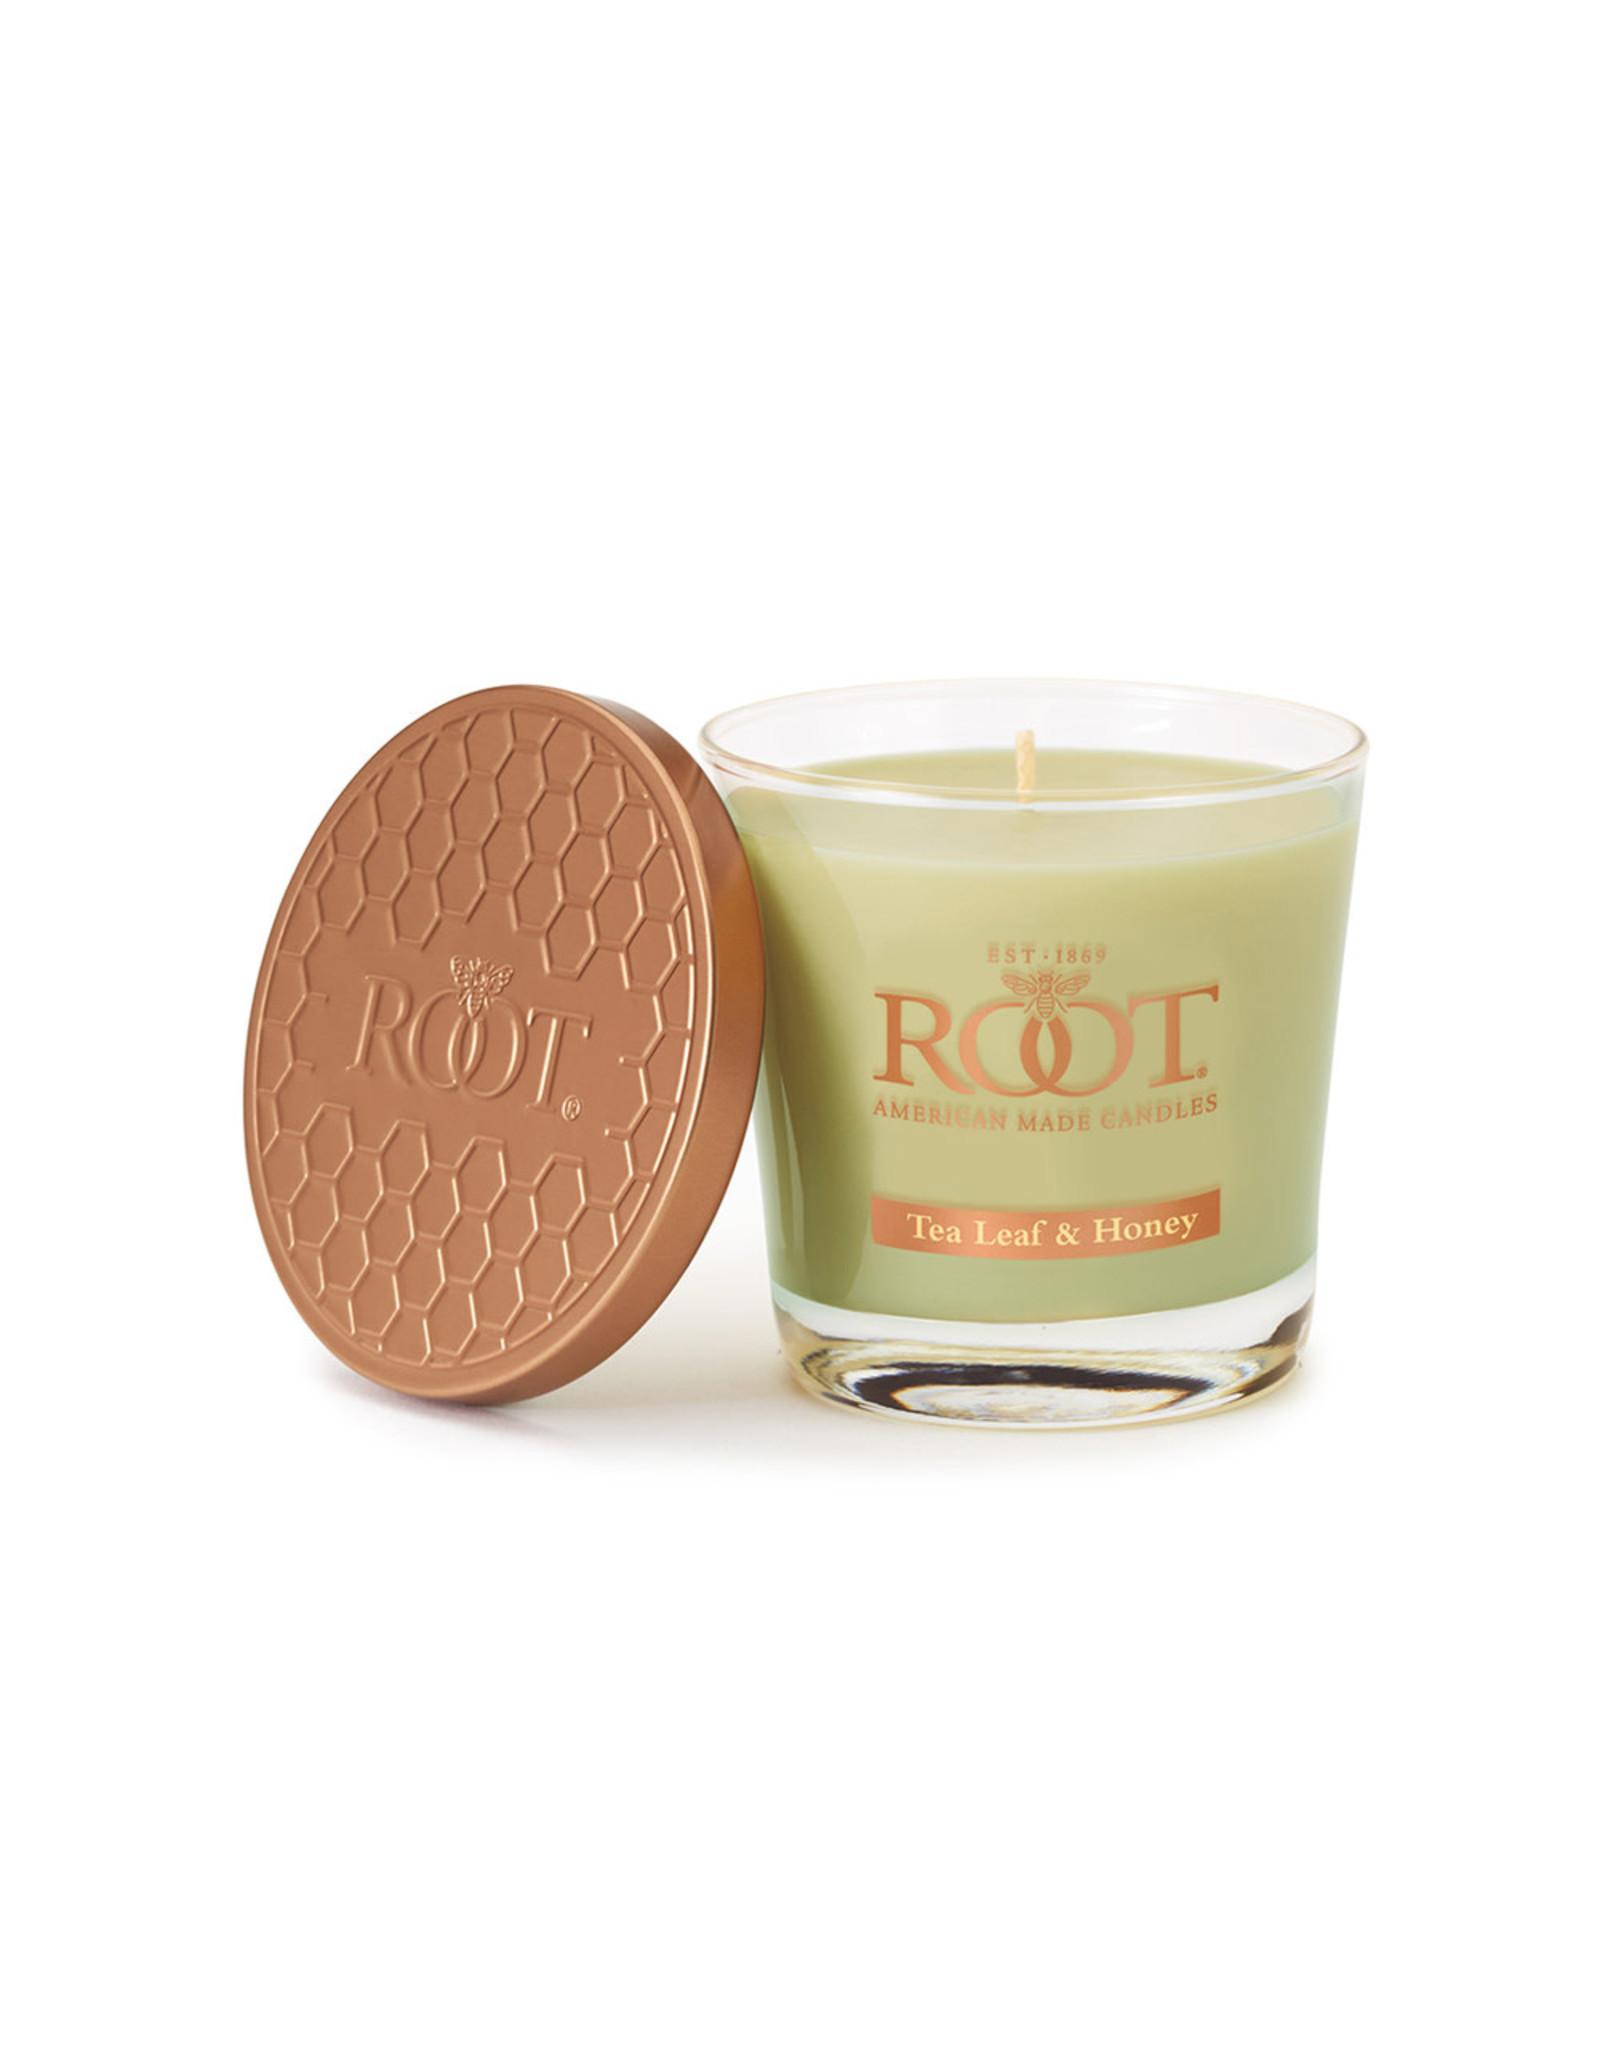 Root Candle - Tea Leaf & Honey